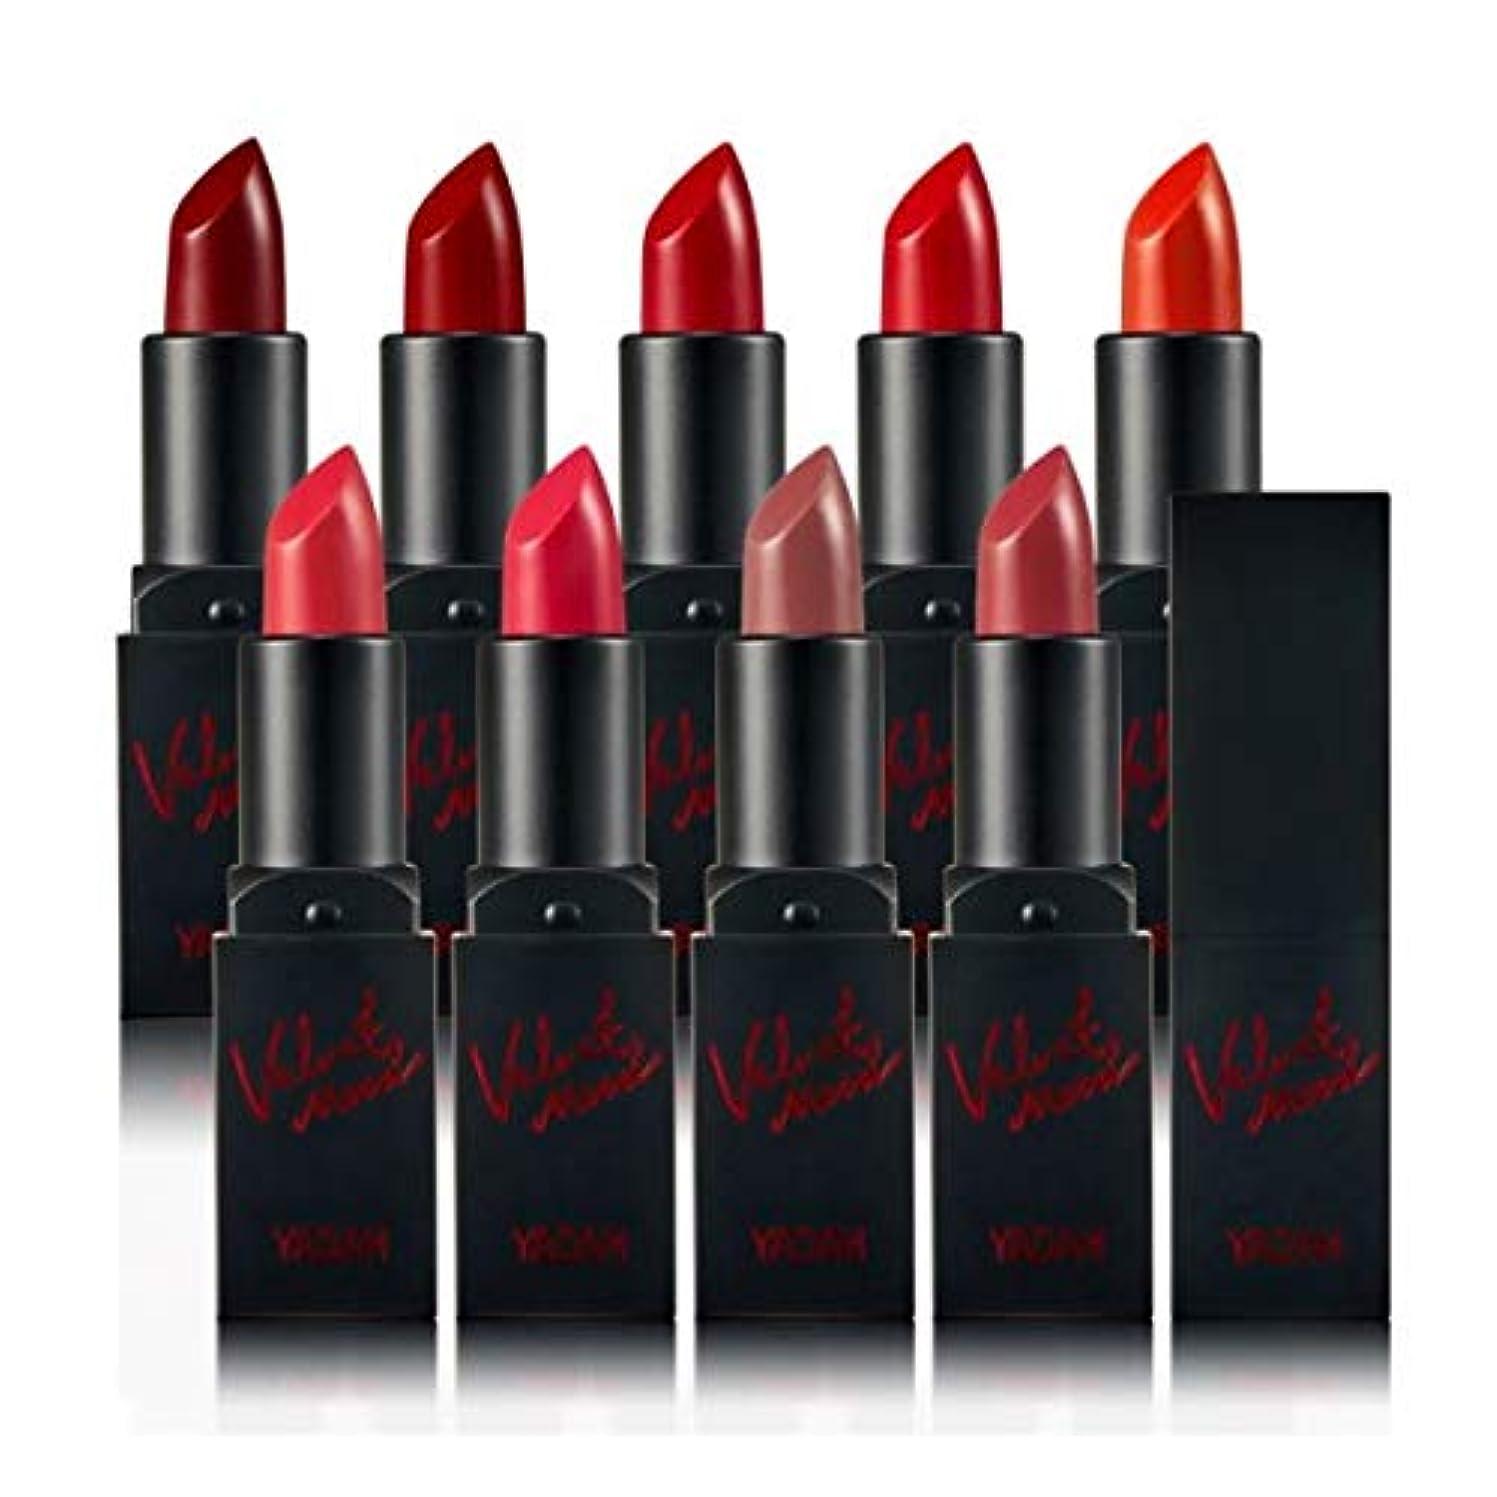 主人フォームくるくるYADAH Velvet Mood Lipstick #02 Deep Rose ベルベットムードマットリップスティック - 3.3g[並行輸入品]